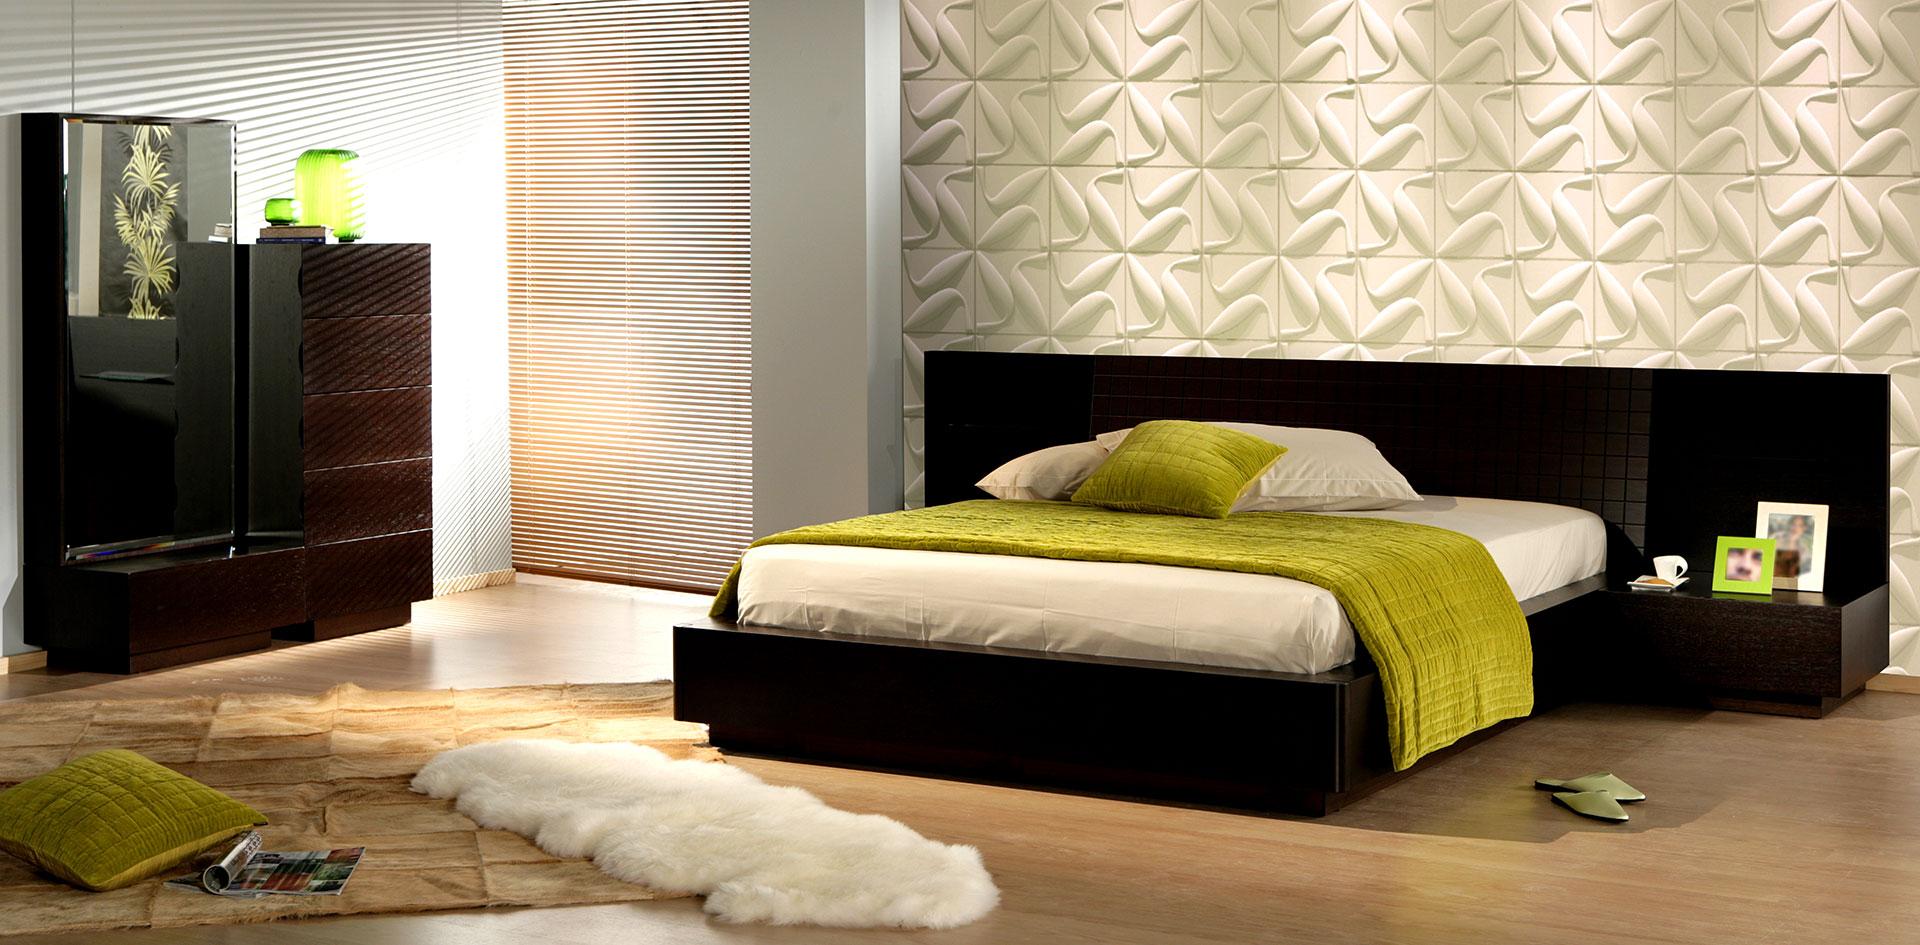 schlafzimmer 3d wandpaneele deckenpaneele wandverkleidung aus bambus. Black Bedroom Furniture Sets. Home Design Ideas